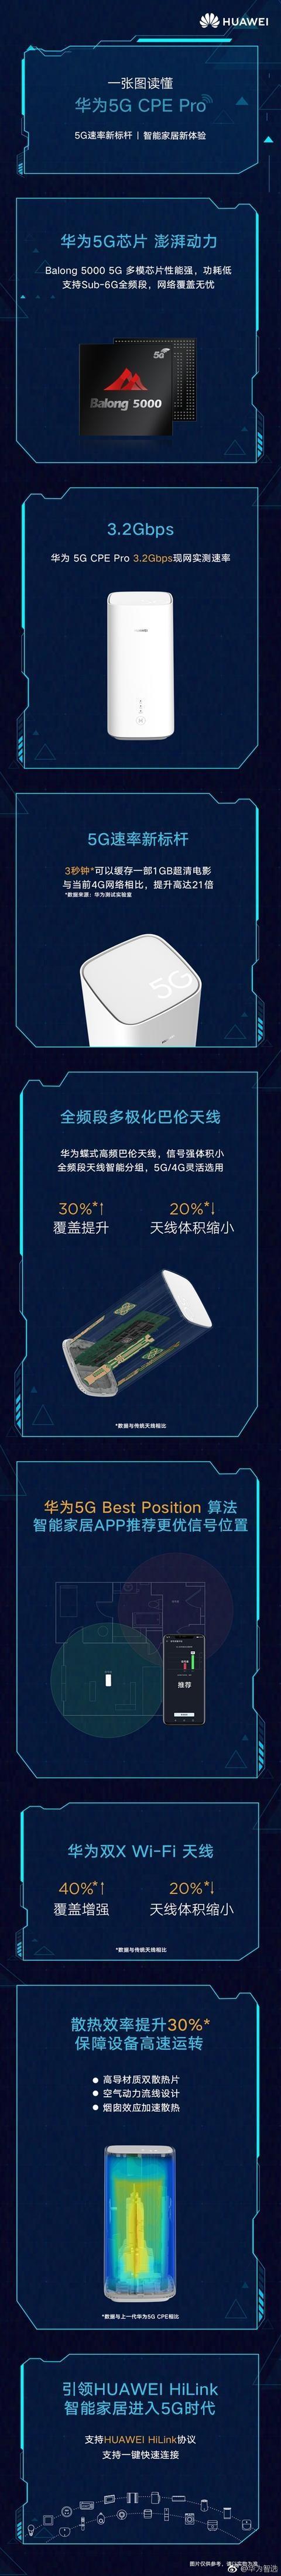 """华为发布世界最快的""""5G路由器"""":3秒下1部超清电影,是4G的21倍"""